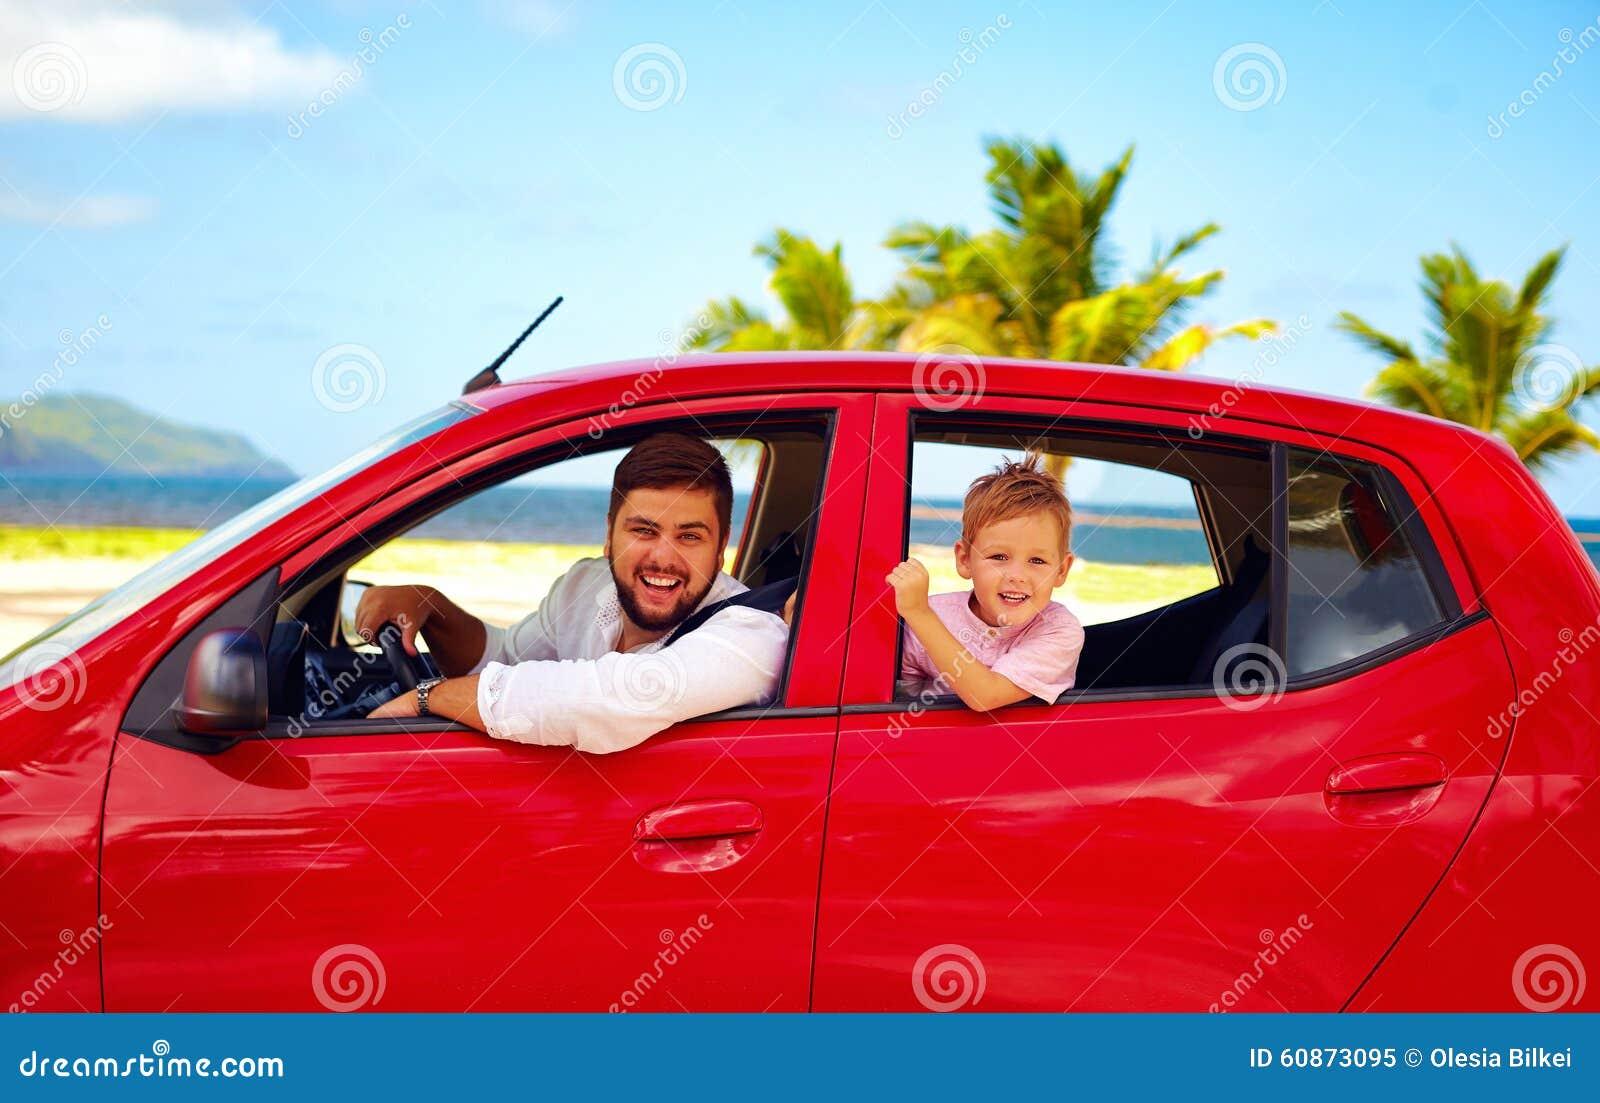 Père heureux et fils voyageant dans la voiture des vacances d été